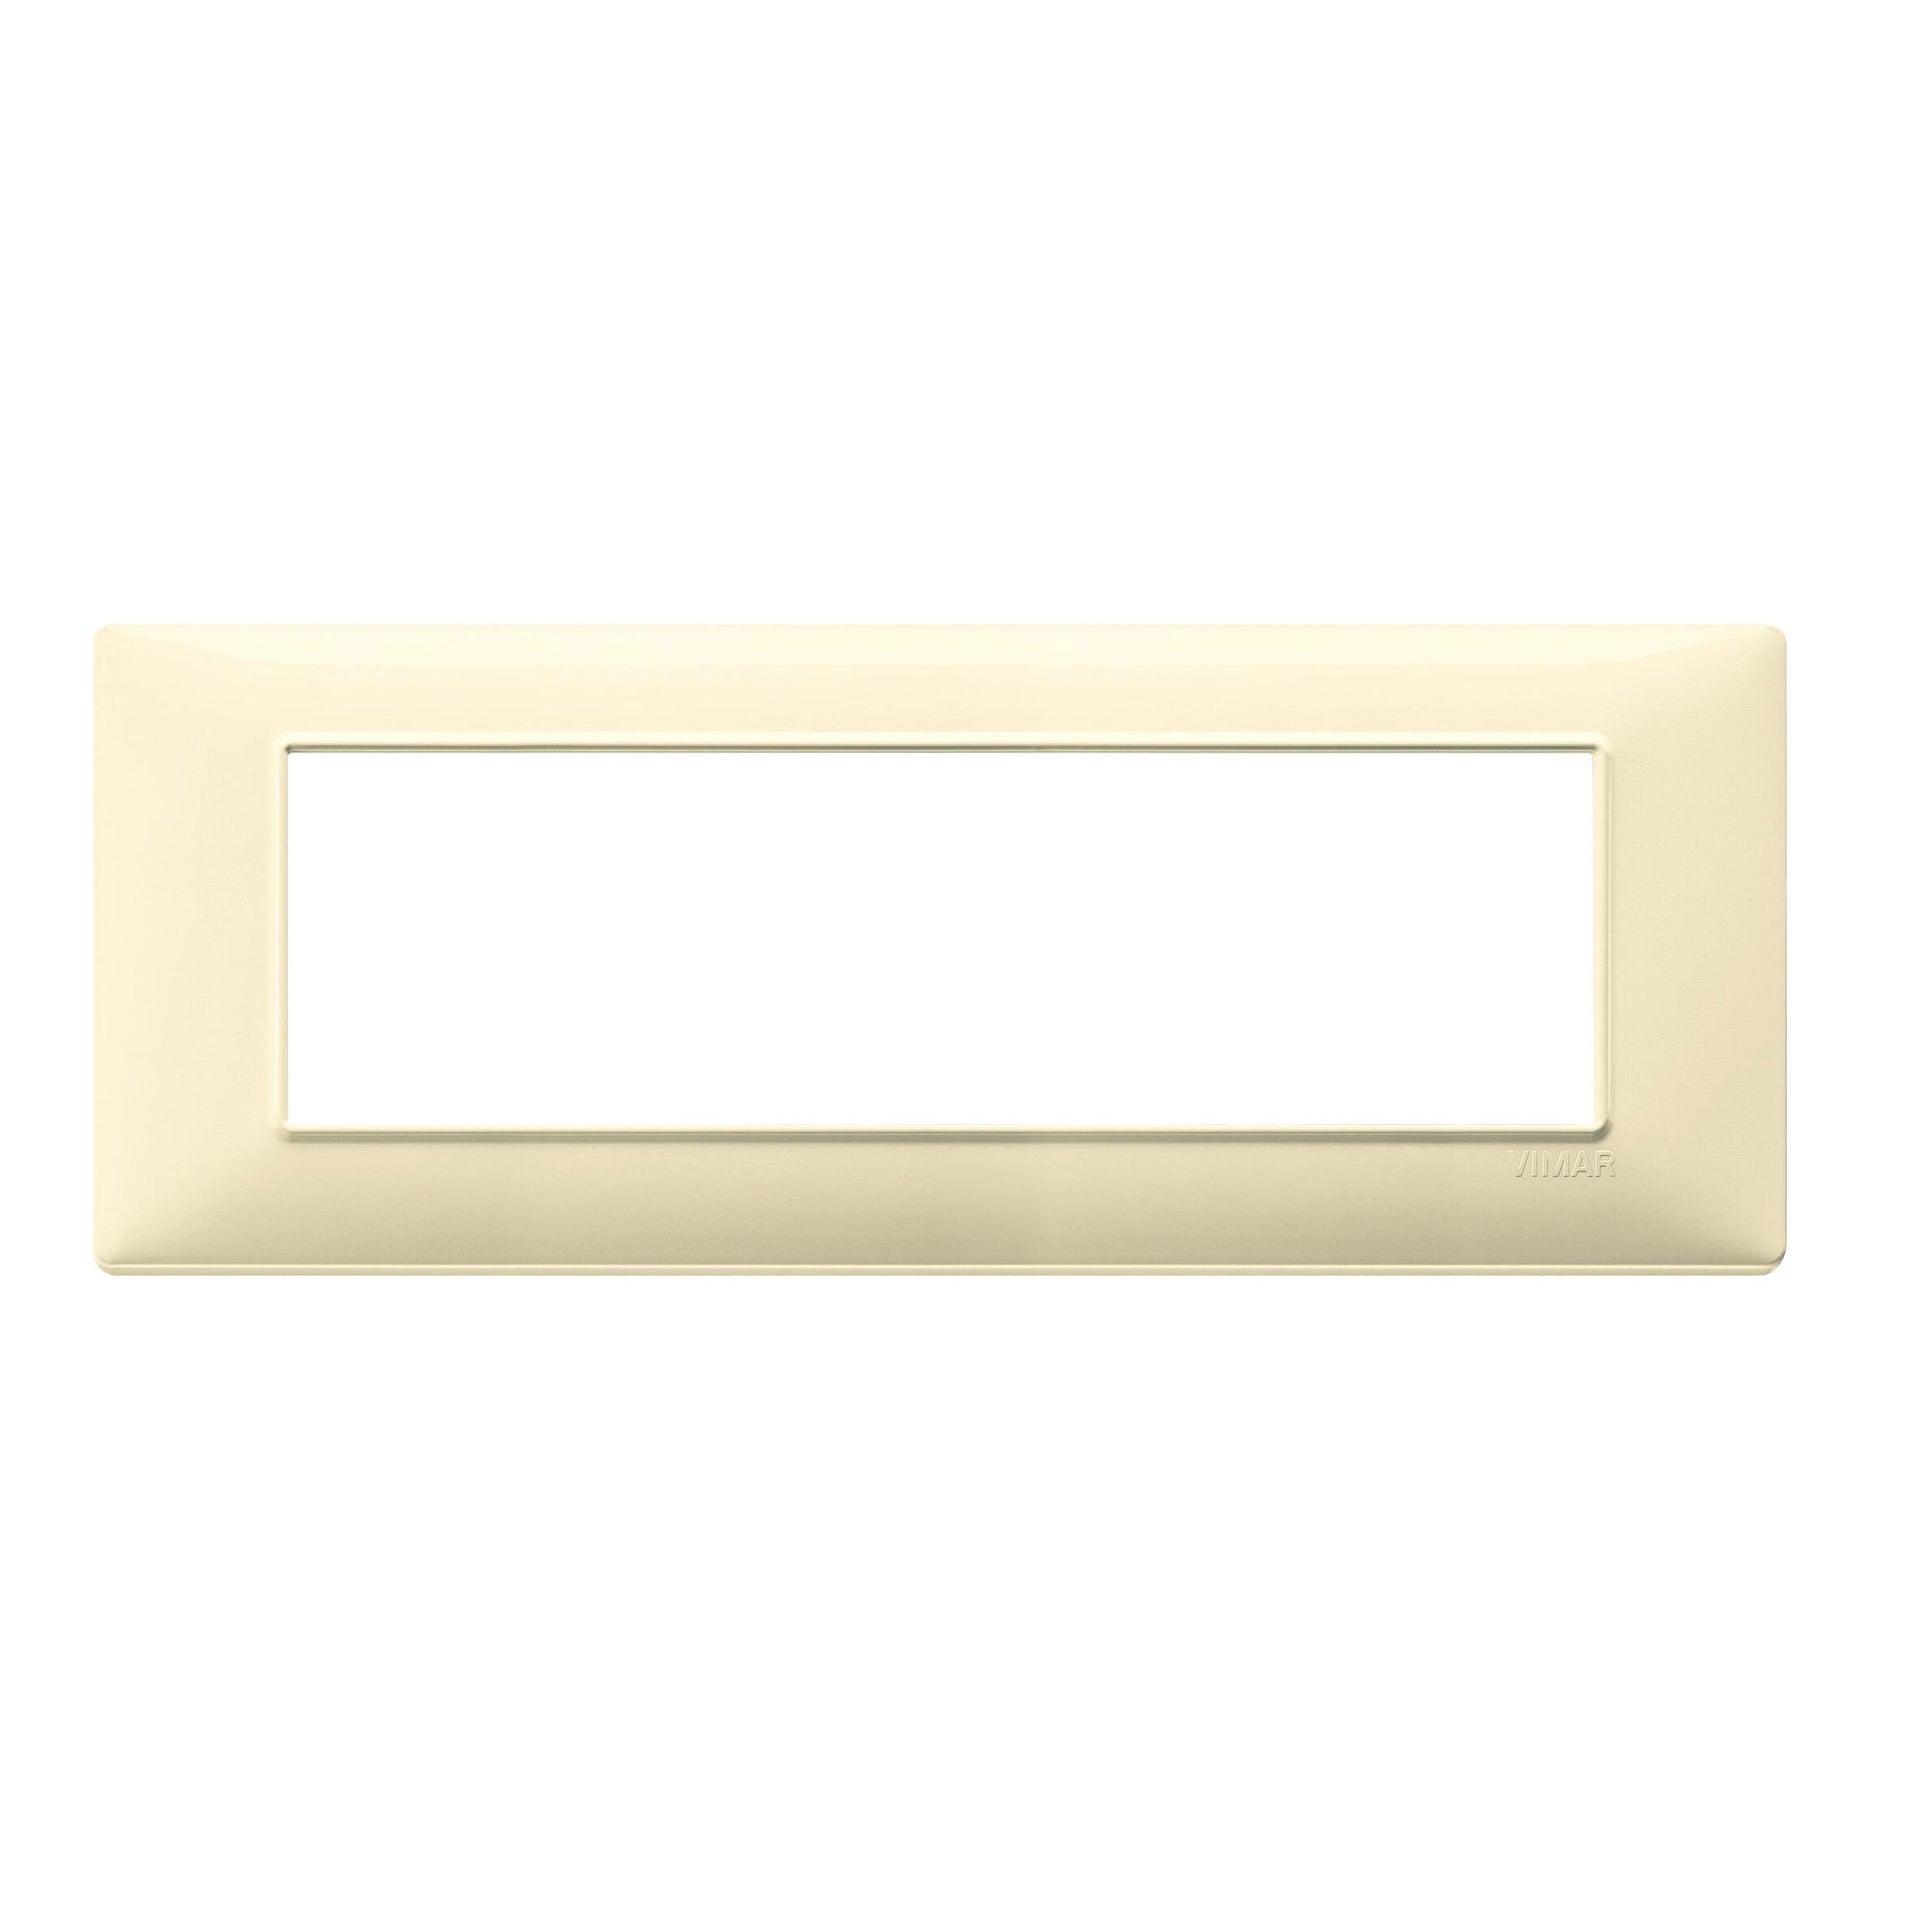 Placca Plana VIMAR 7 moduli crema